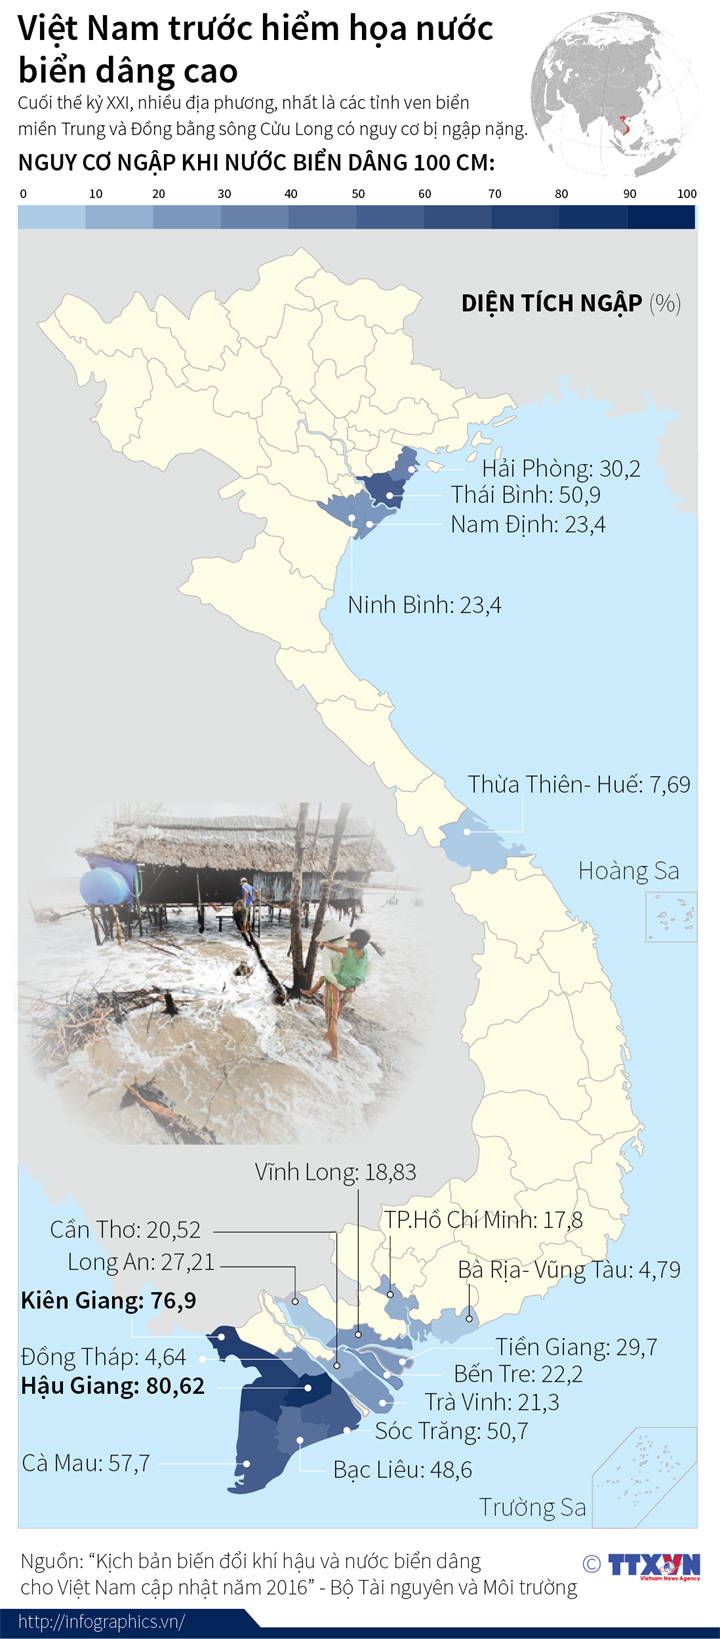 Việt Nam trước hiểm họa nước  biển dâng cao